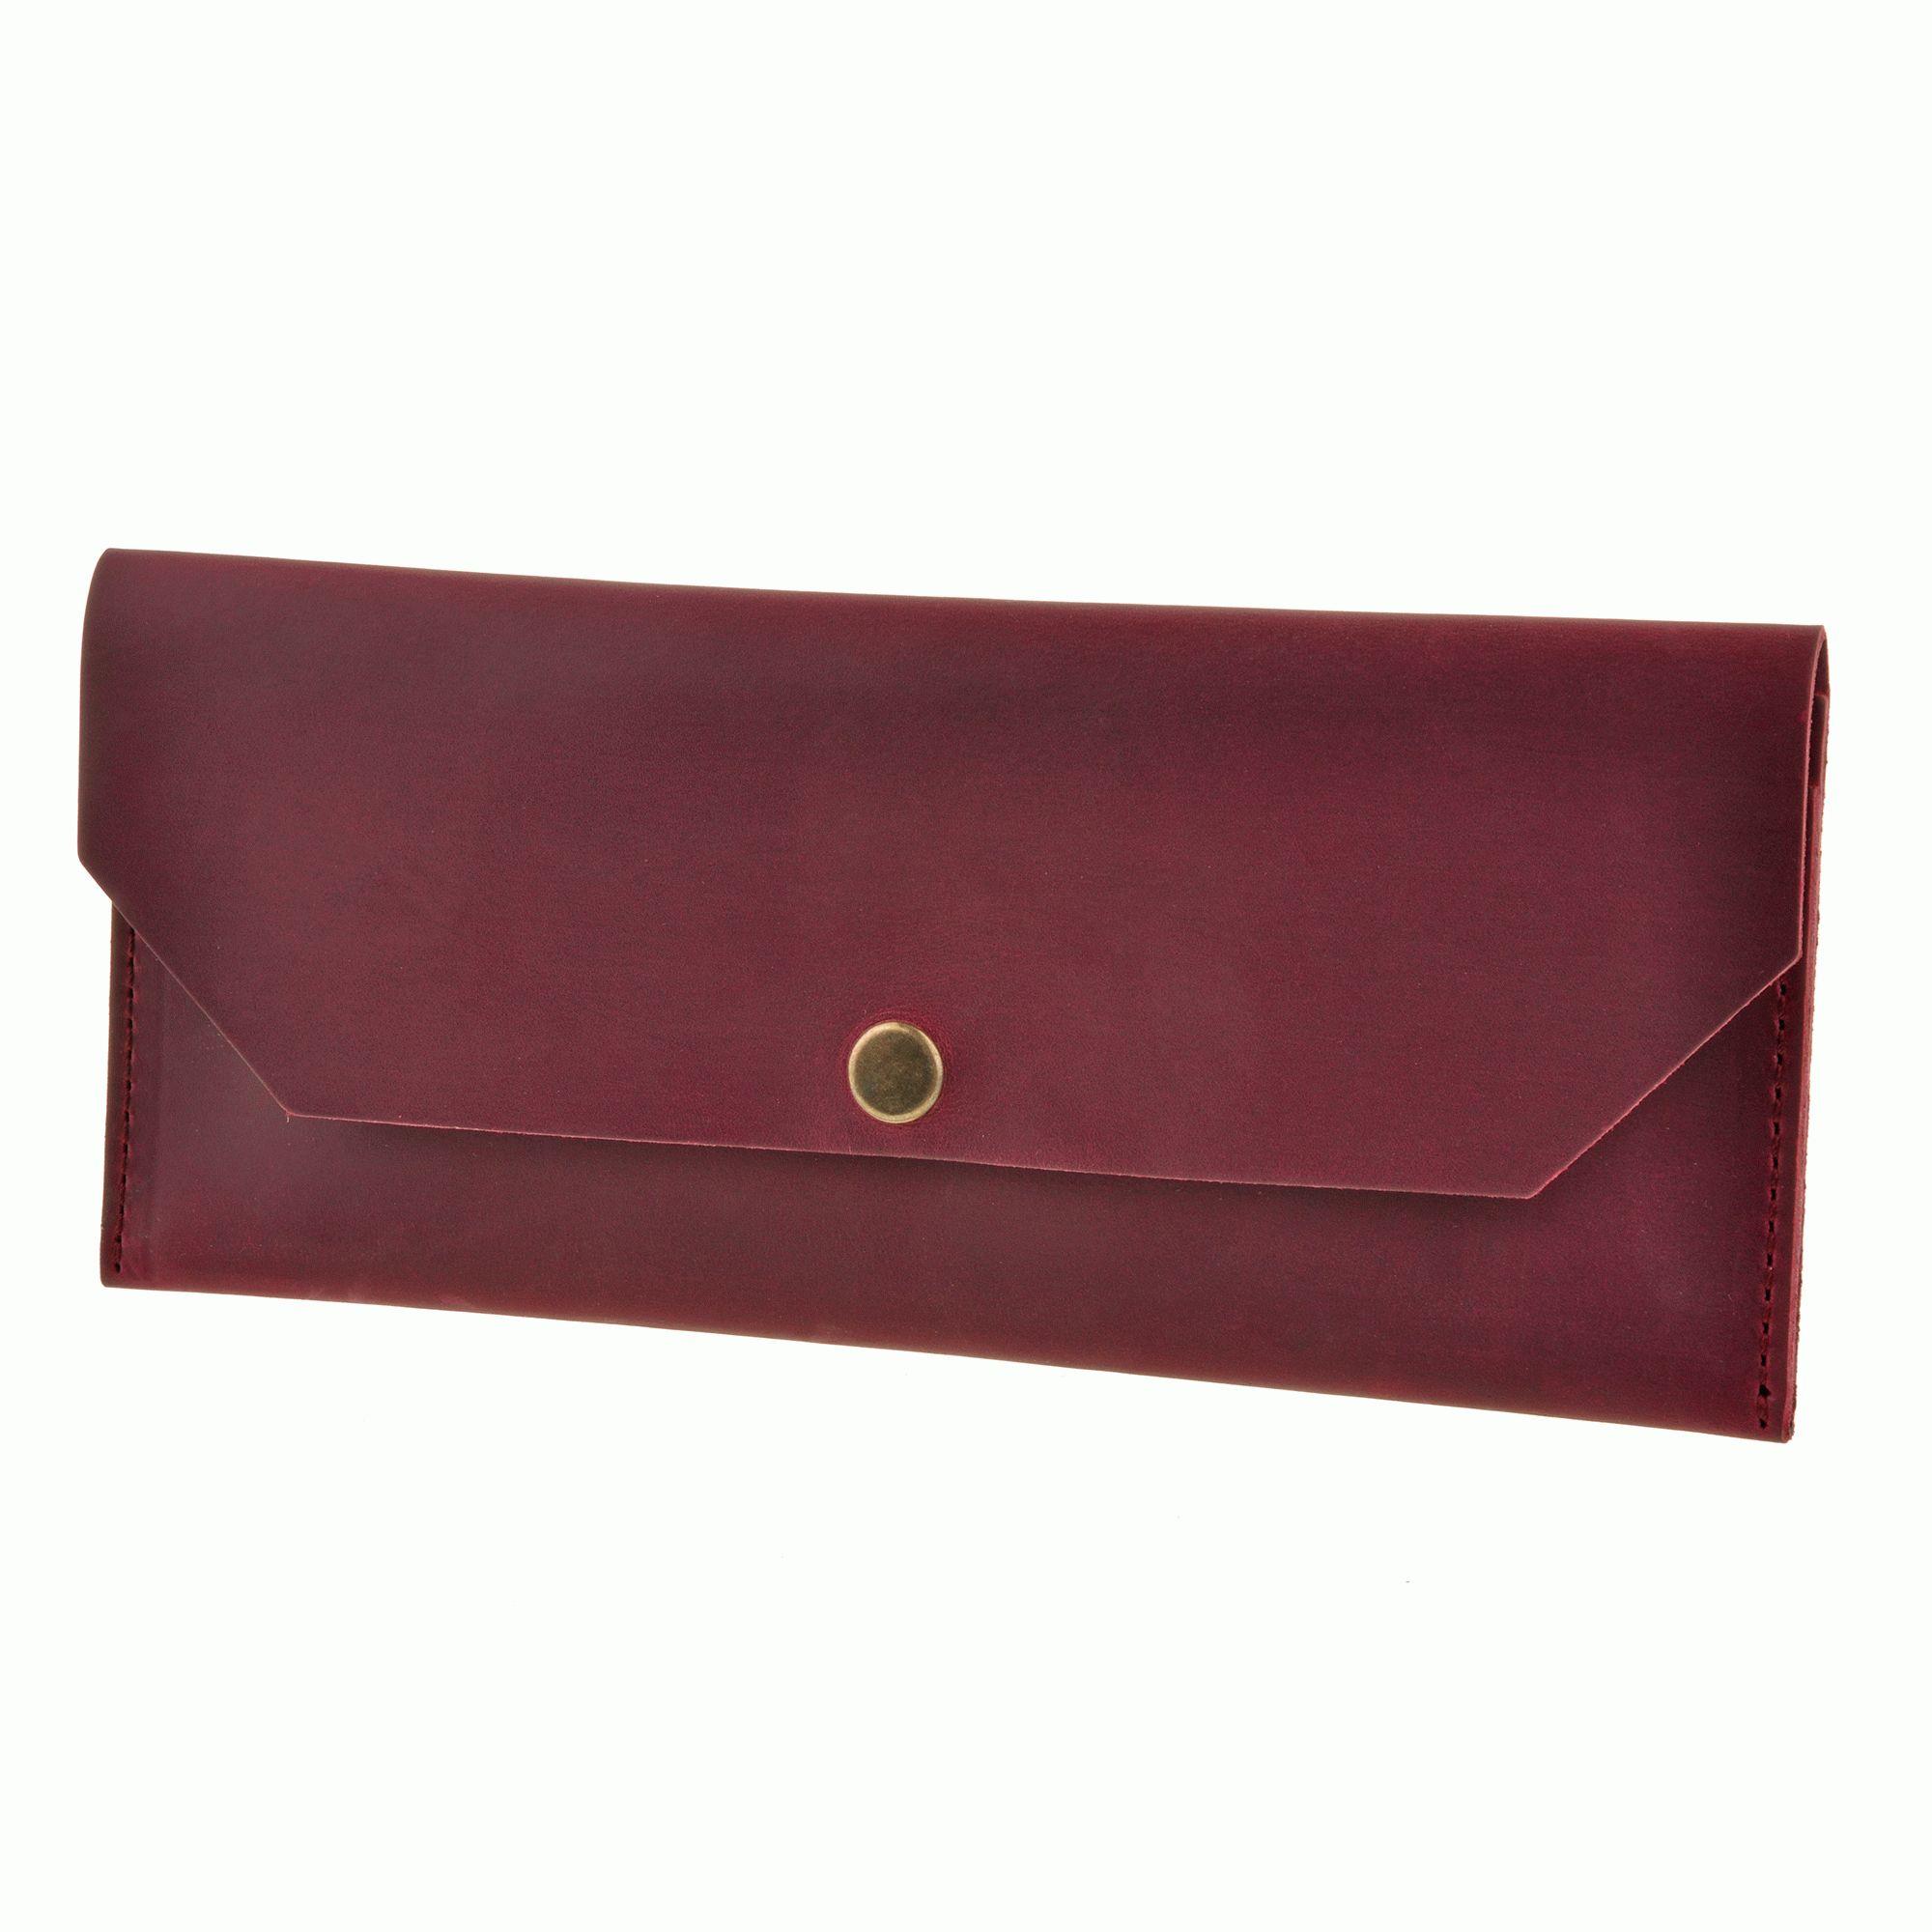 589a62079e01 Клатчи - на Ek.ua ➤ купить сумку-клатч — все цены интернет ...